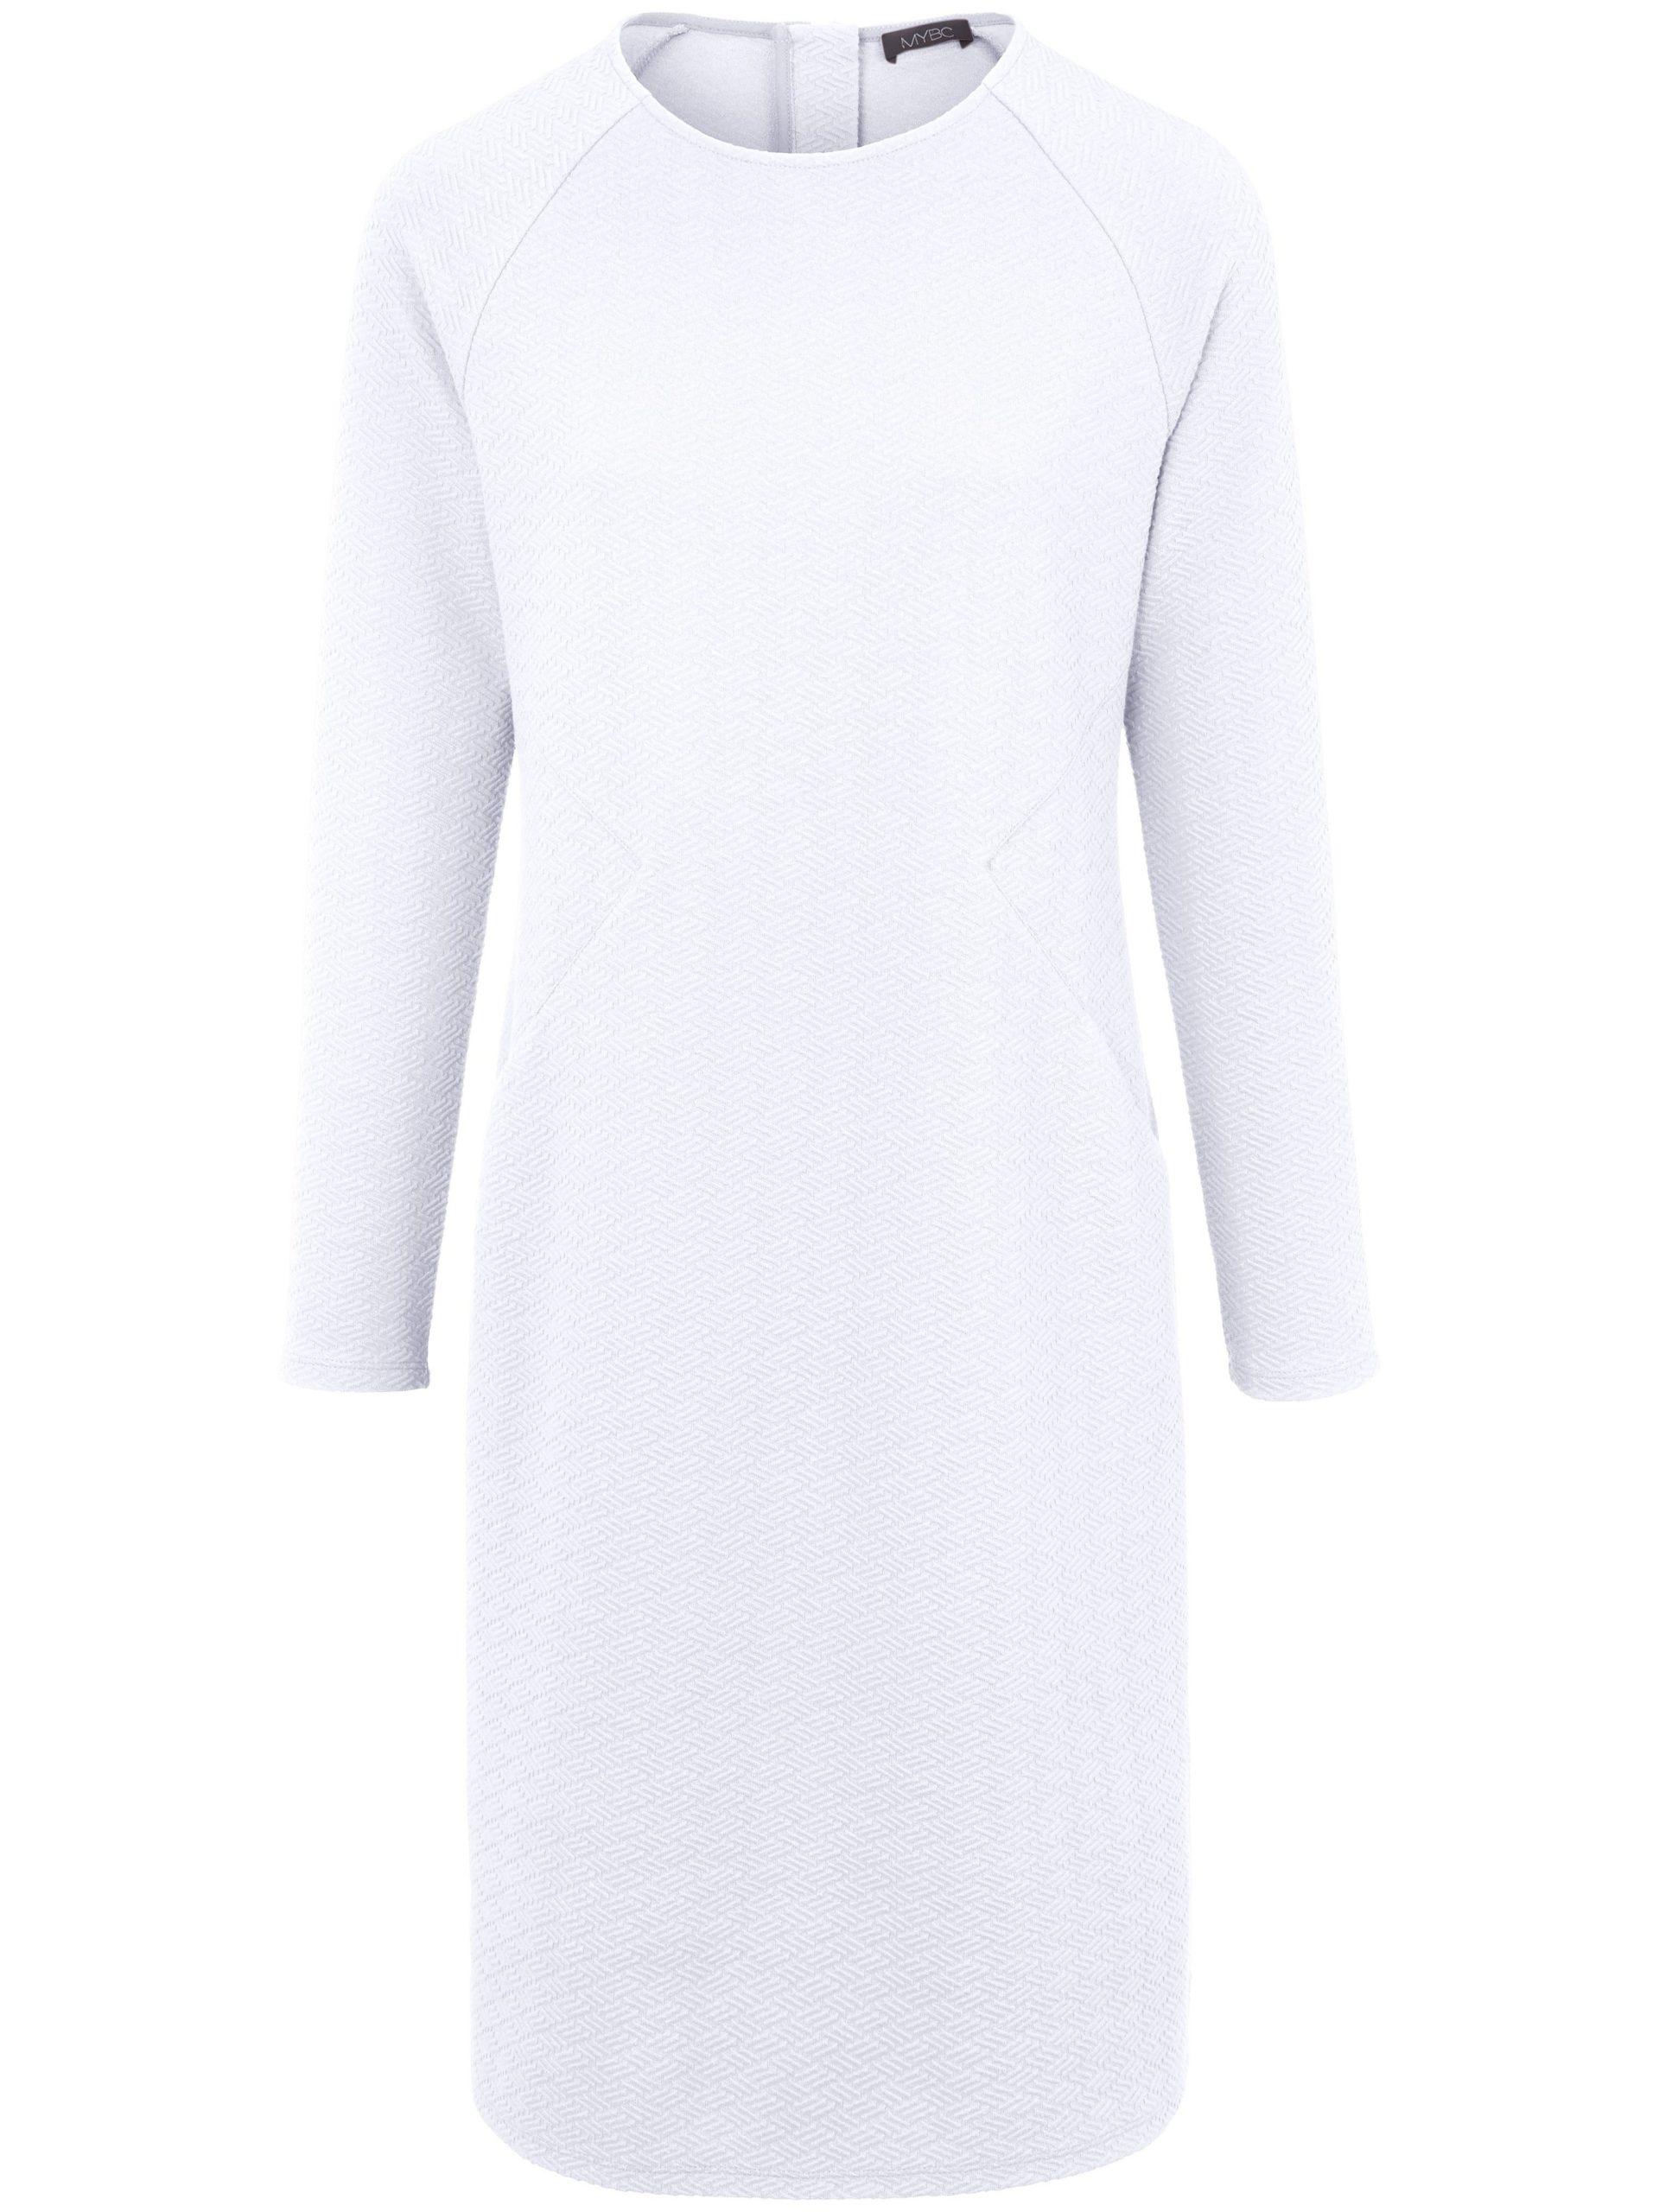 Jerseyjurk met lange mouwen Van MYBC wit Kopen